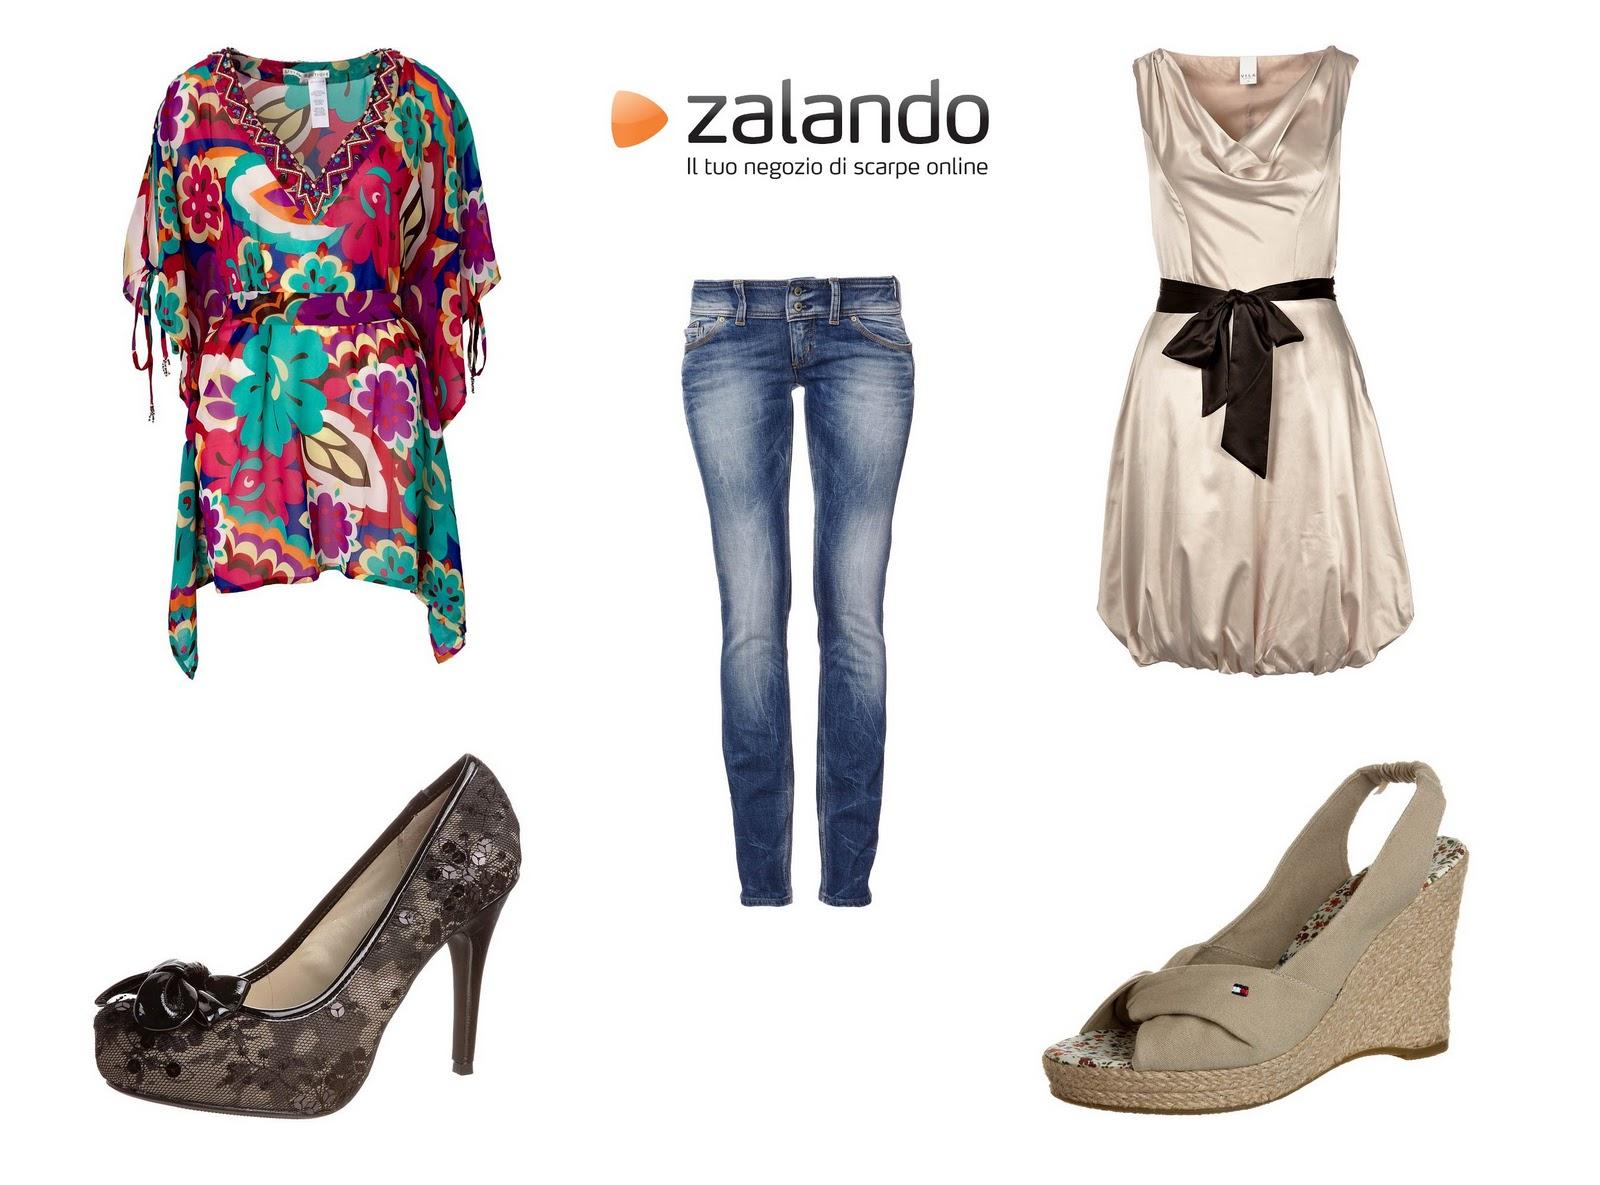 newest collection 3c55e 2213f Che cos'è Zalando? | Notizie.it